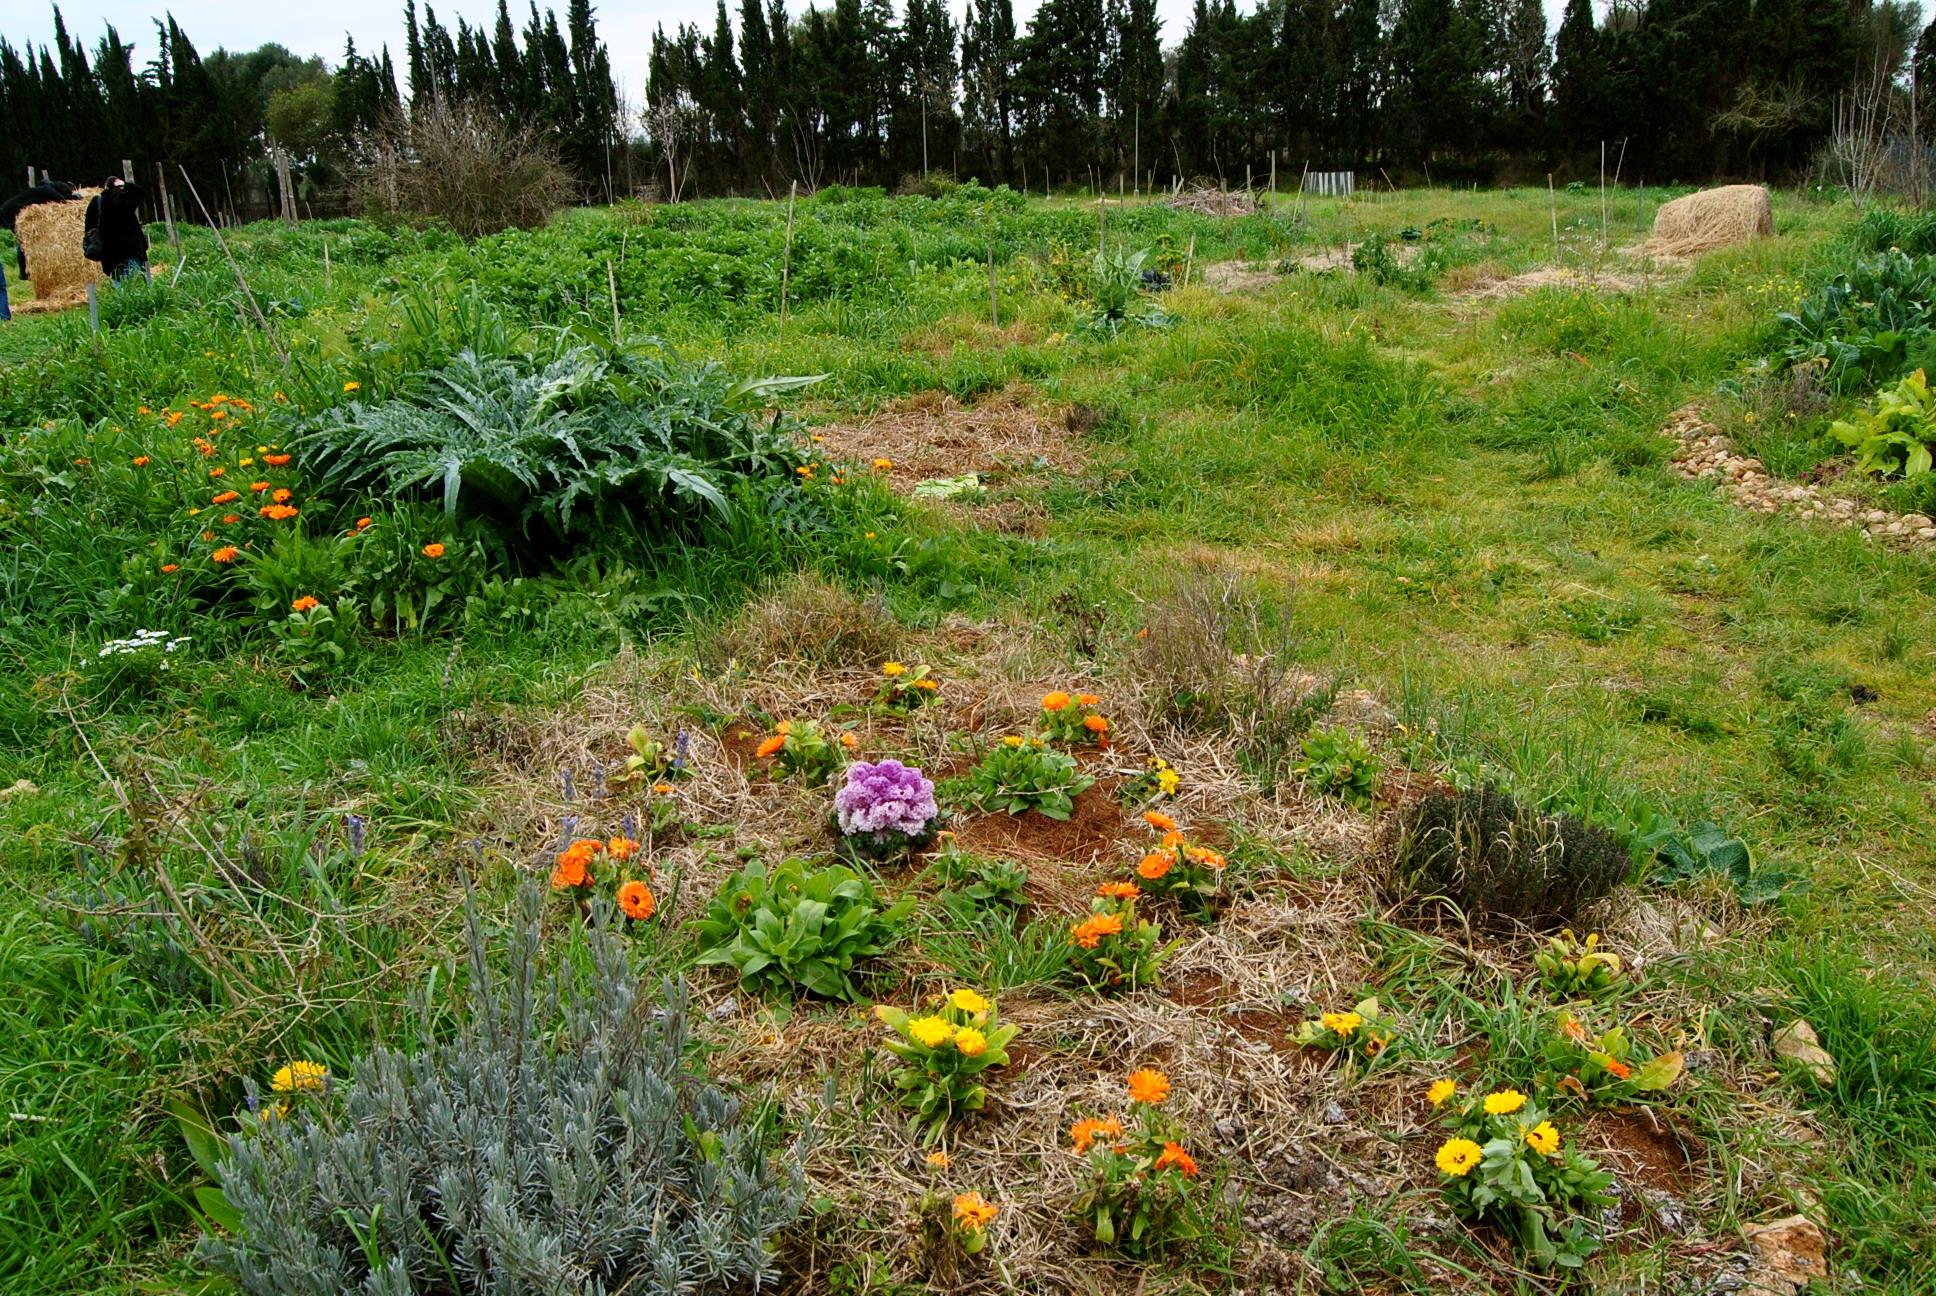 Visita a la Granja orgánica Son Barrina.